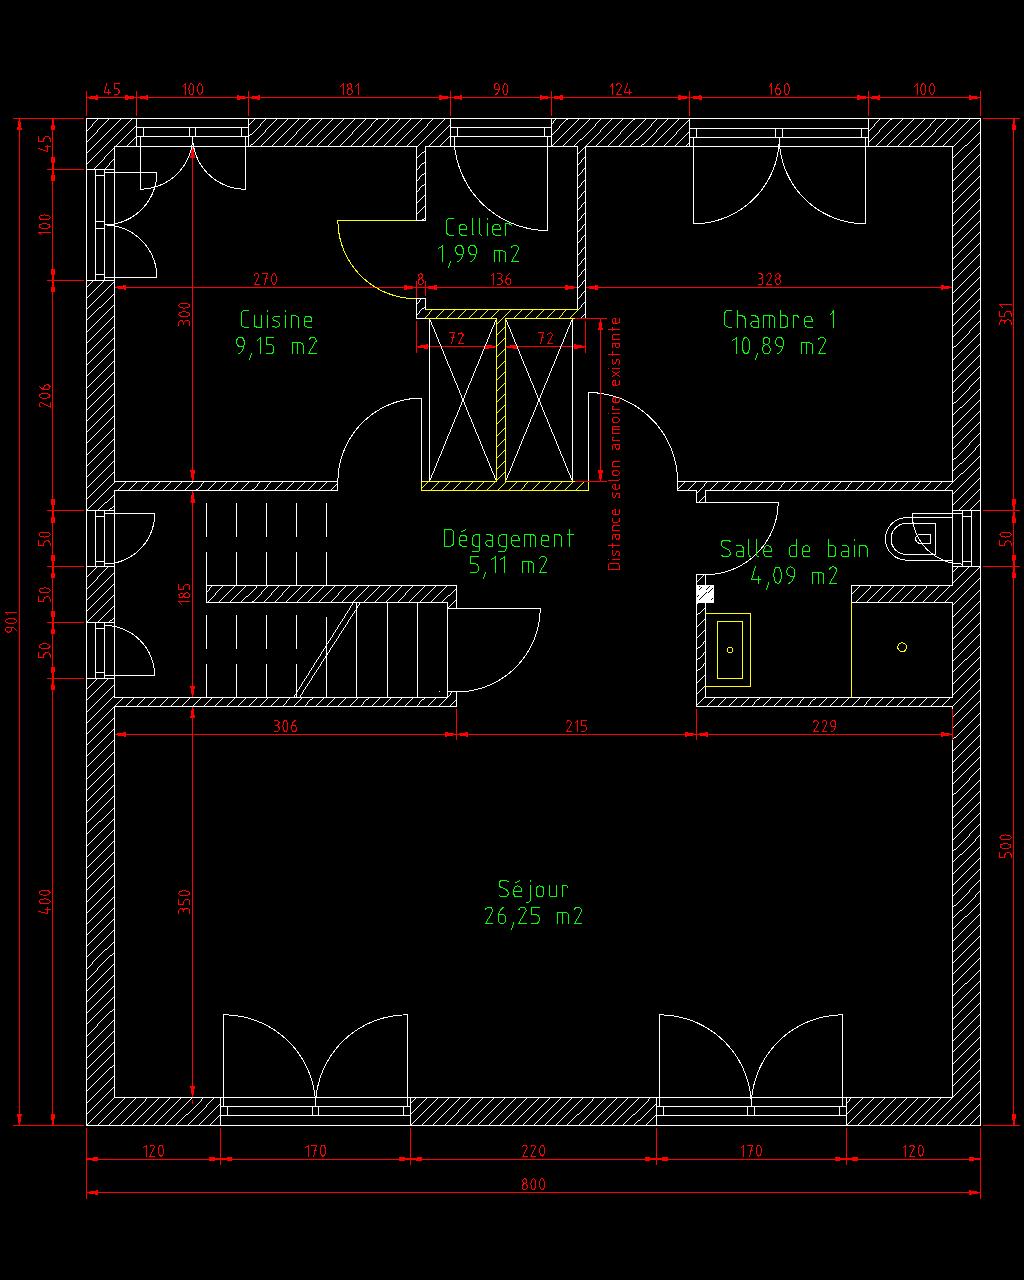 mais en ce qui me concerne cest la solution qui me semble tre la meilleure voici un plan pour mieux comprendre ce que je veux dire - Plan Architecture Maison 100m2